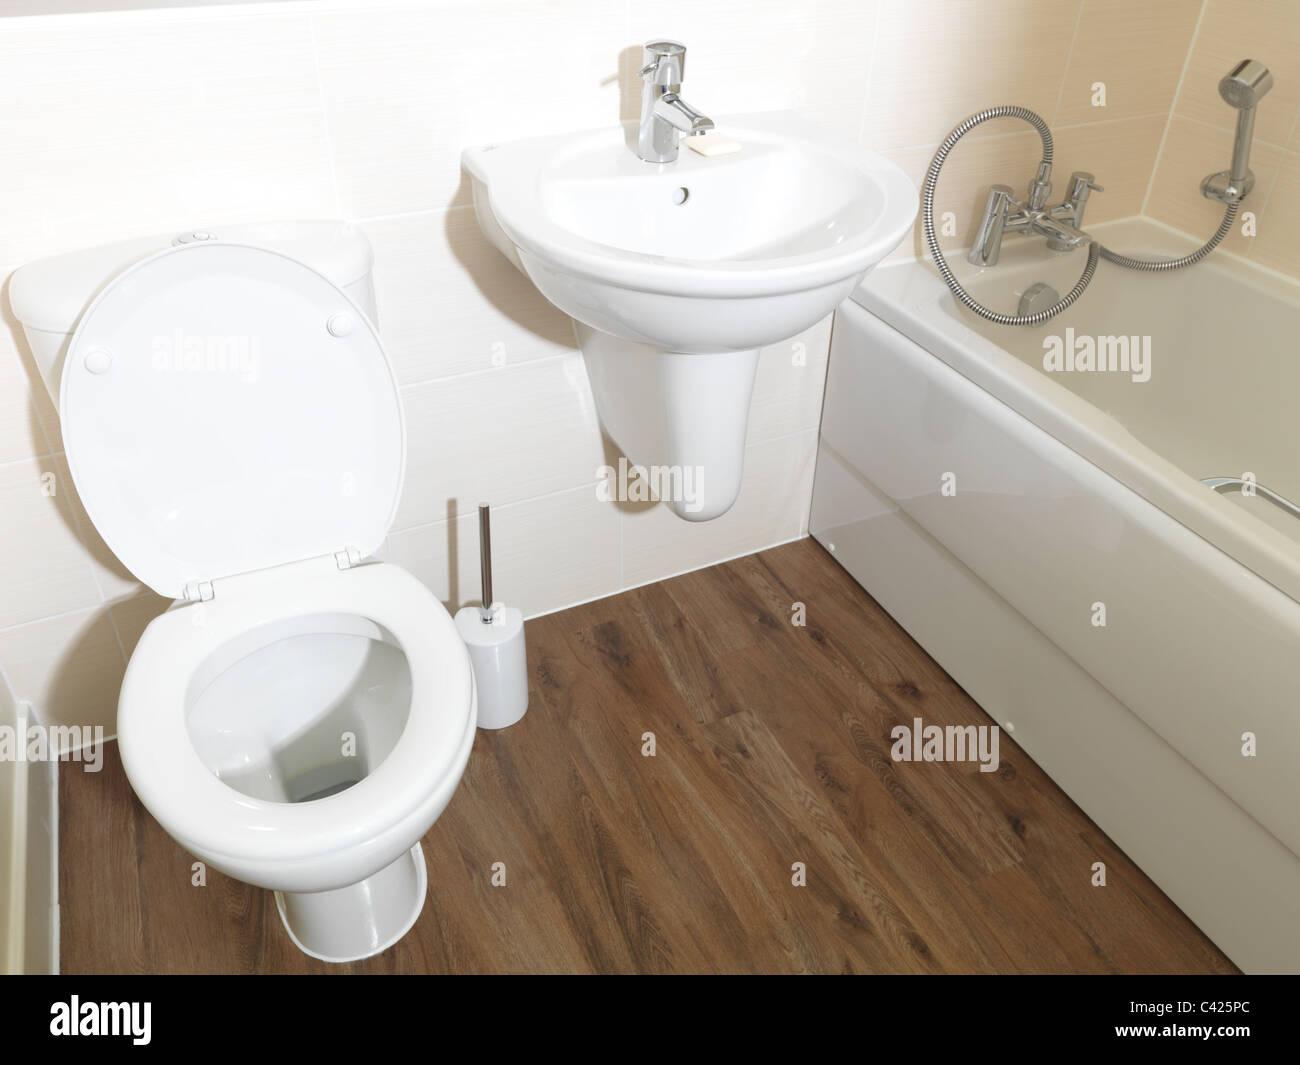 Vasca Da Bagno Con Lavabo : Nuovo appartamento bagno wc lavabo e vasca da bagno con doccia